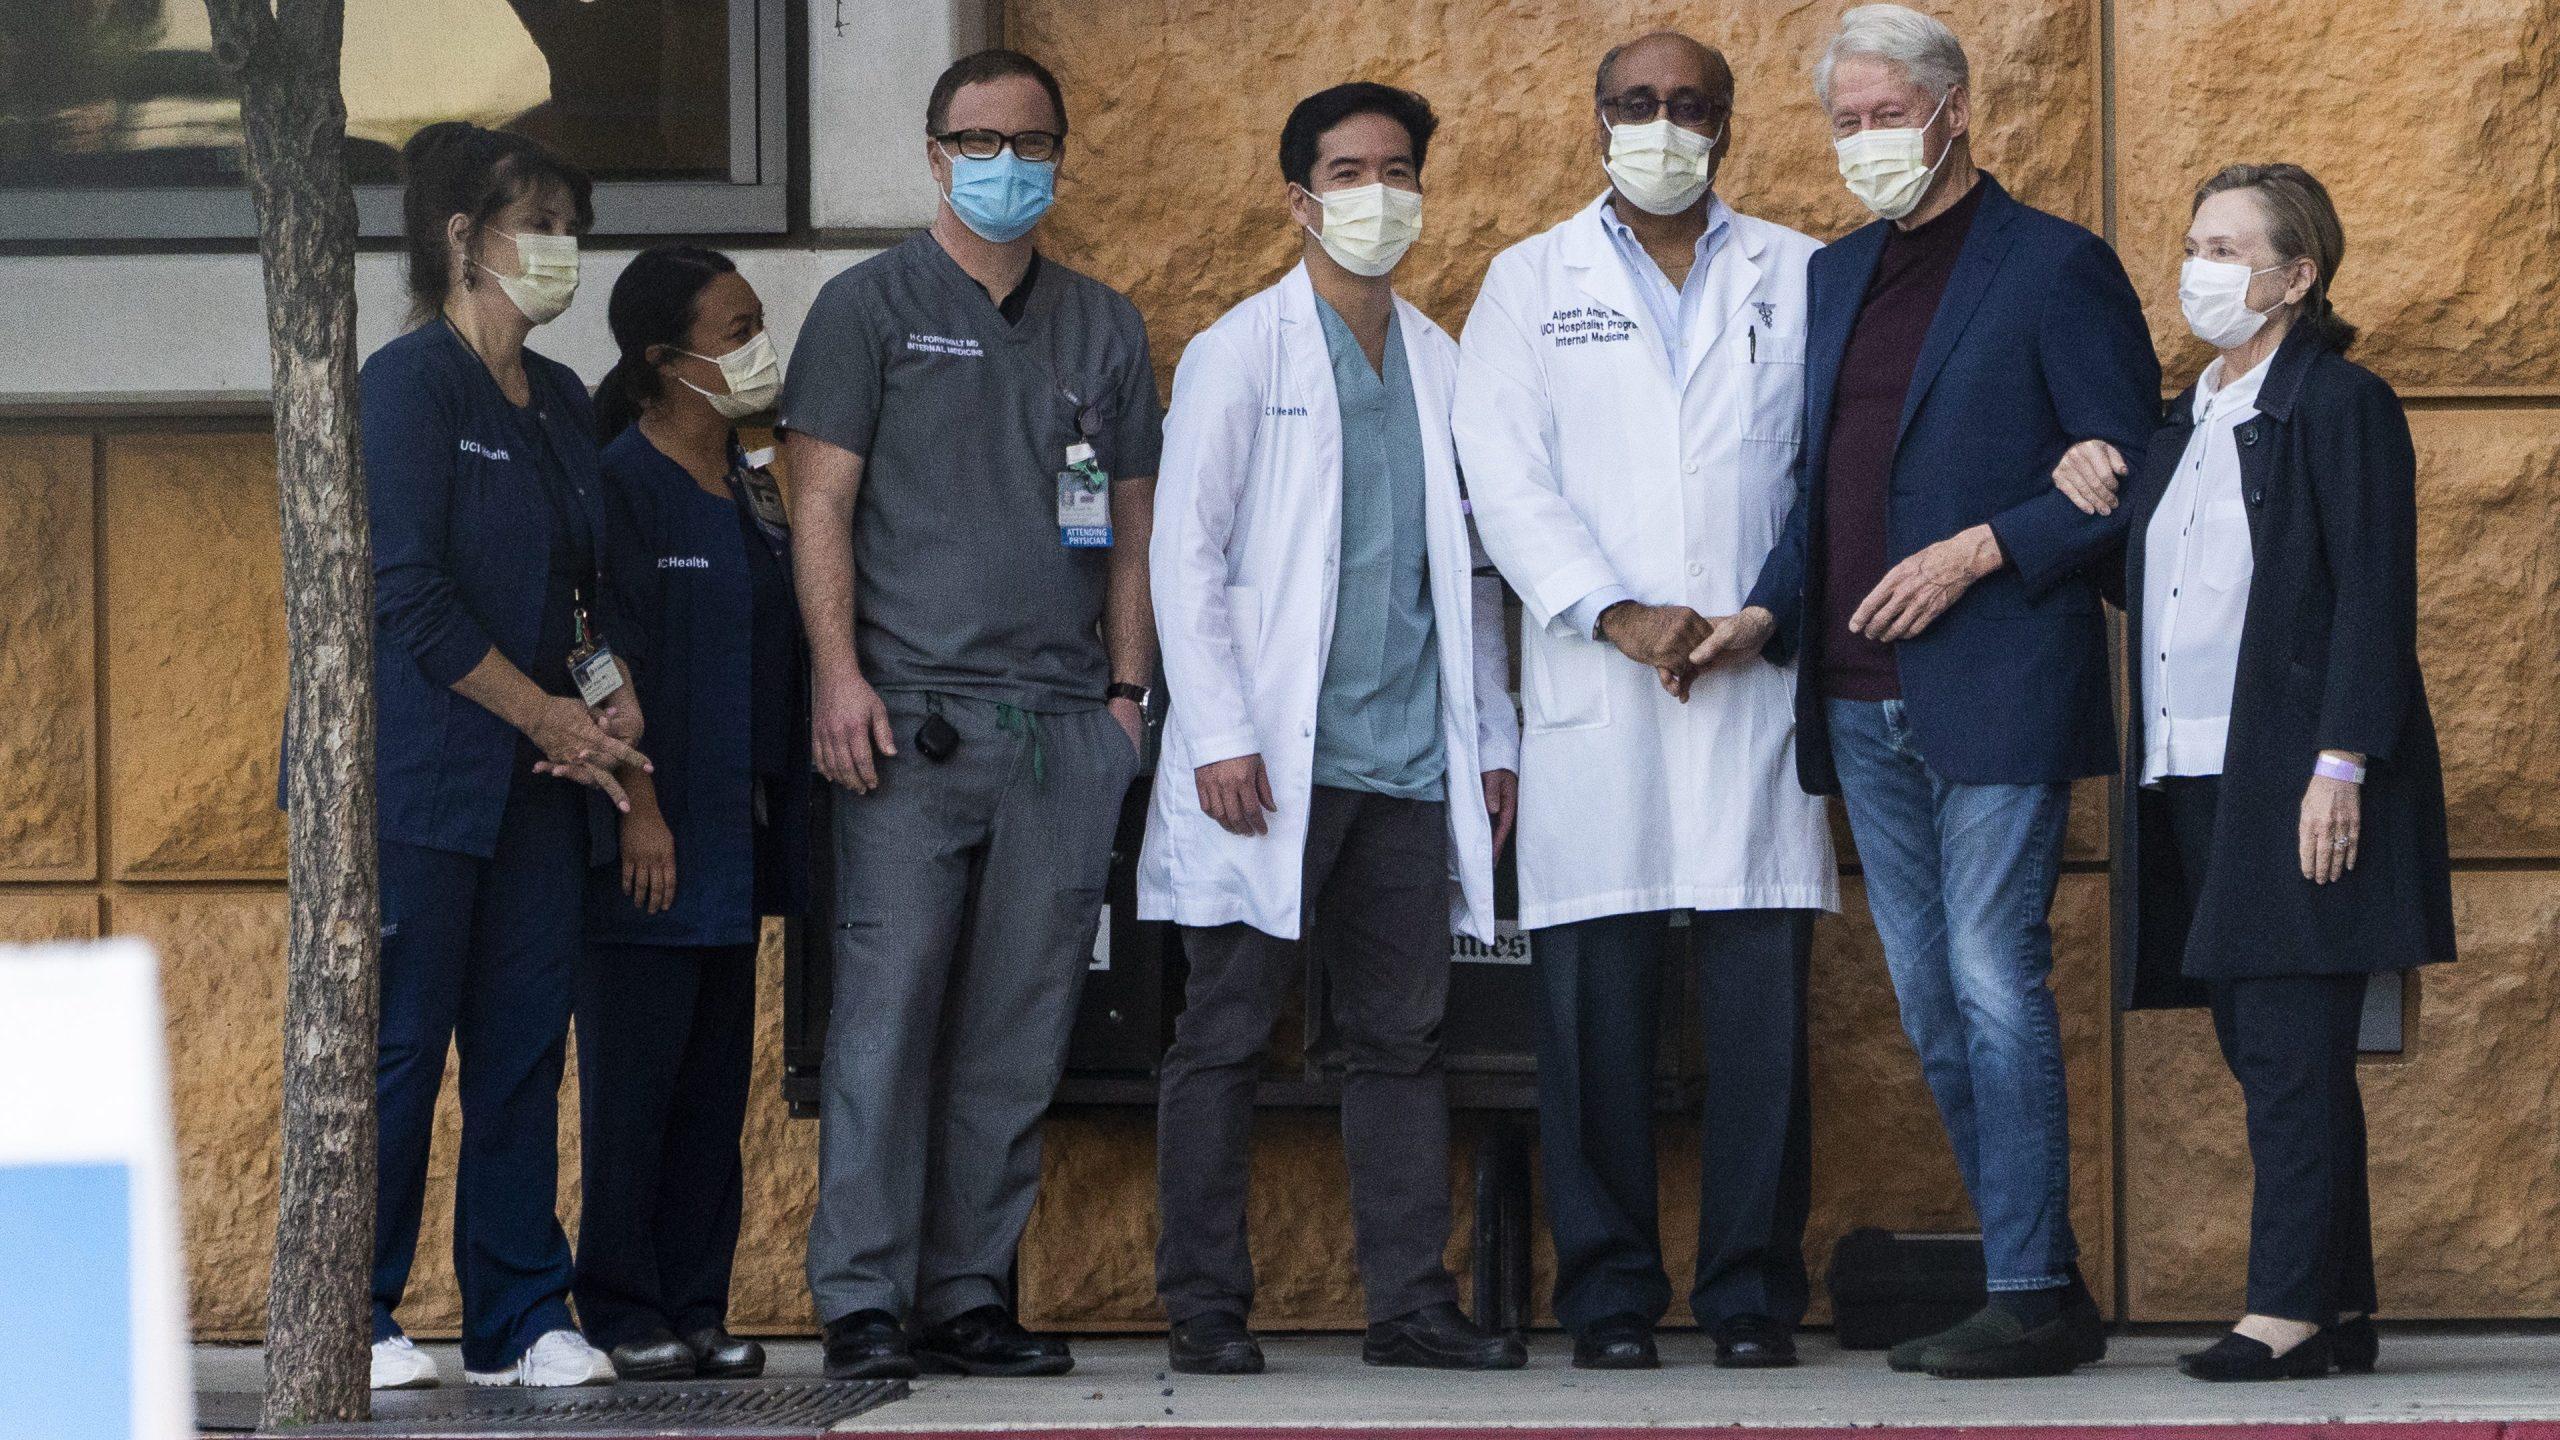 Bill Clinton hospital